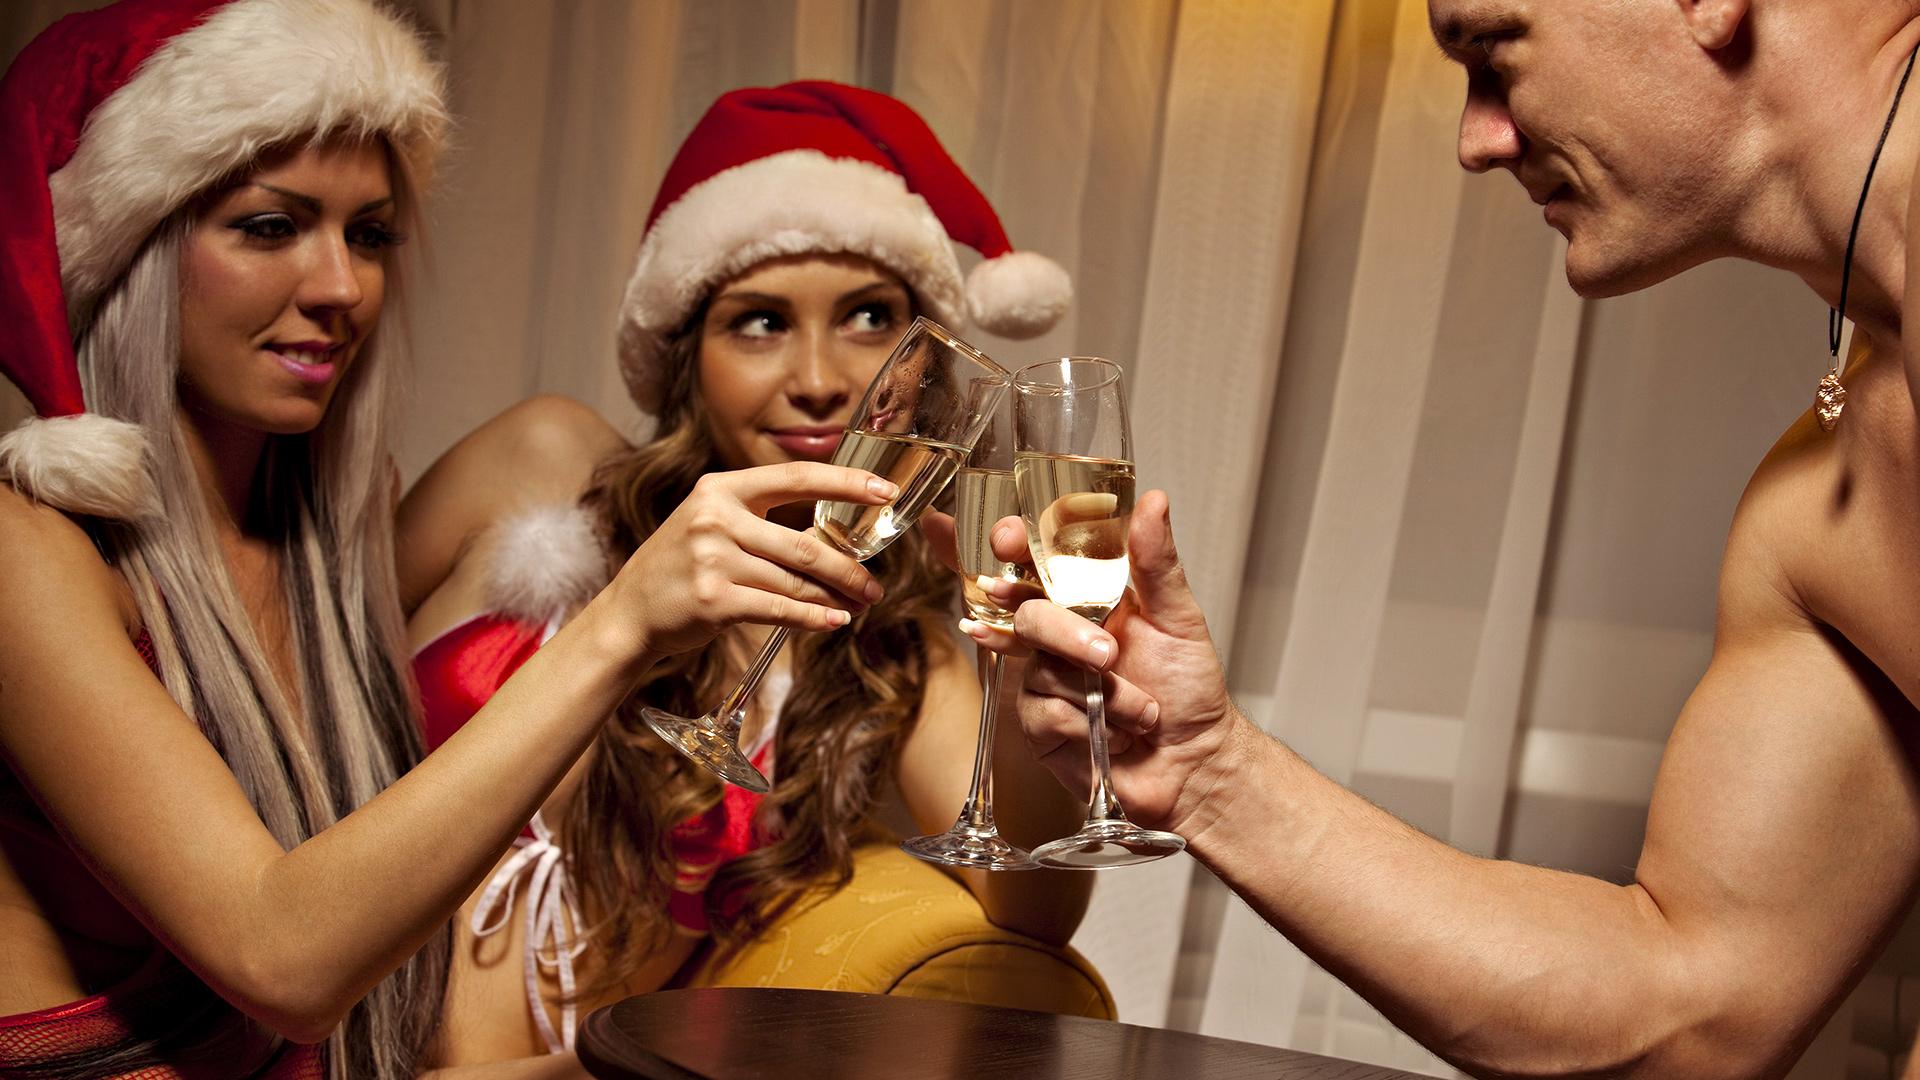 Игривая девушка трахается с новым бойфрендом в клубе  534615